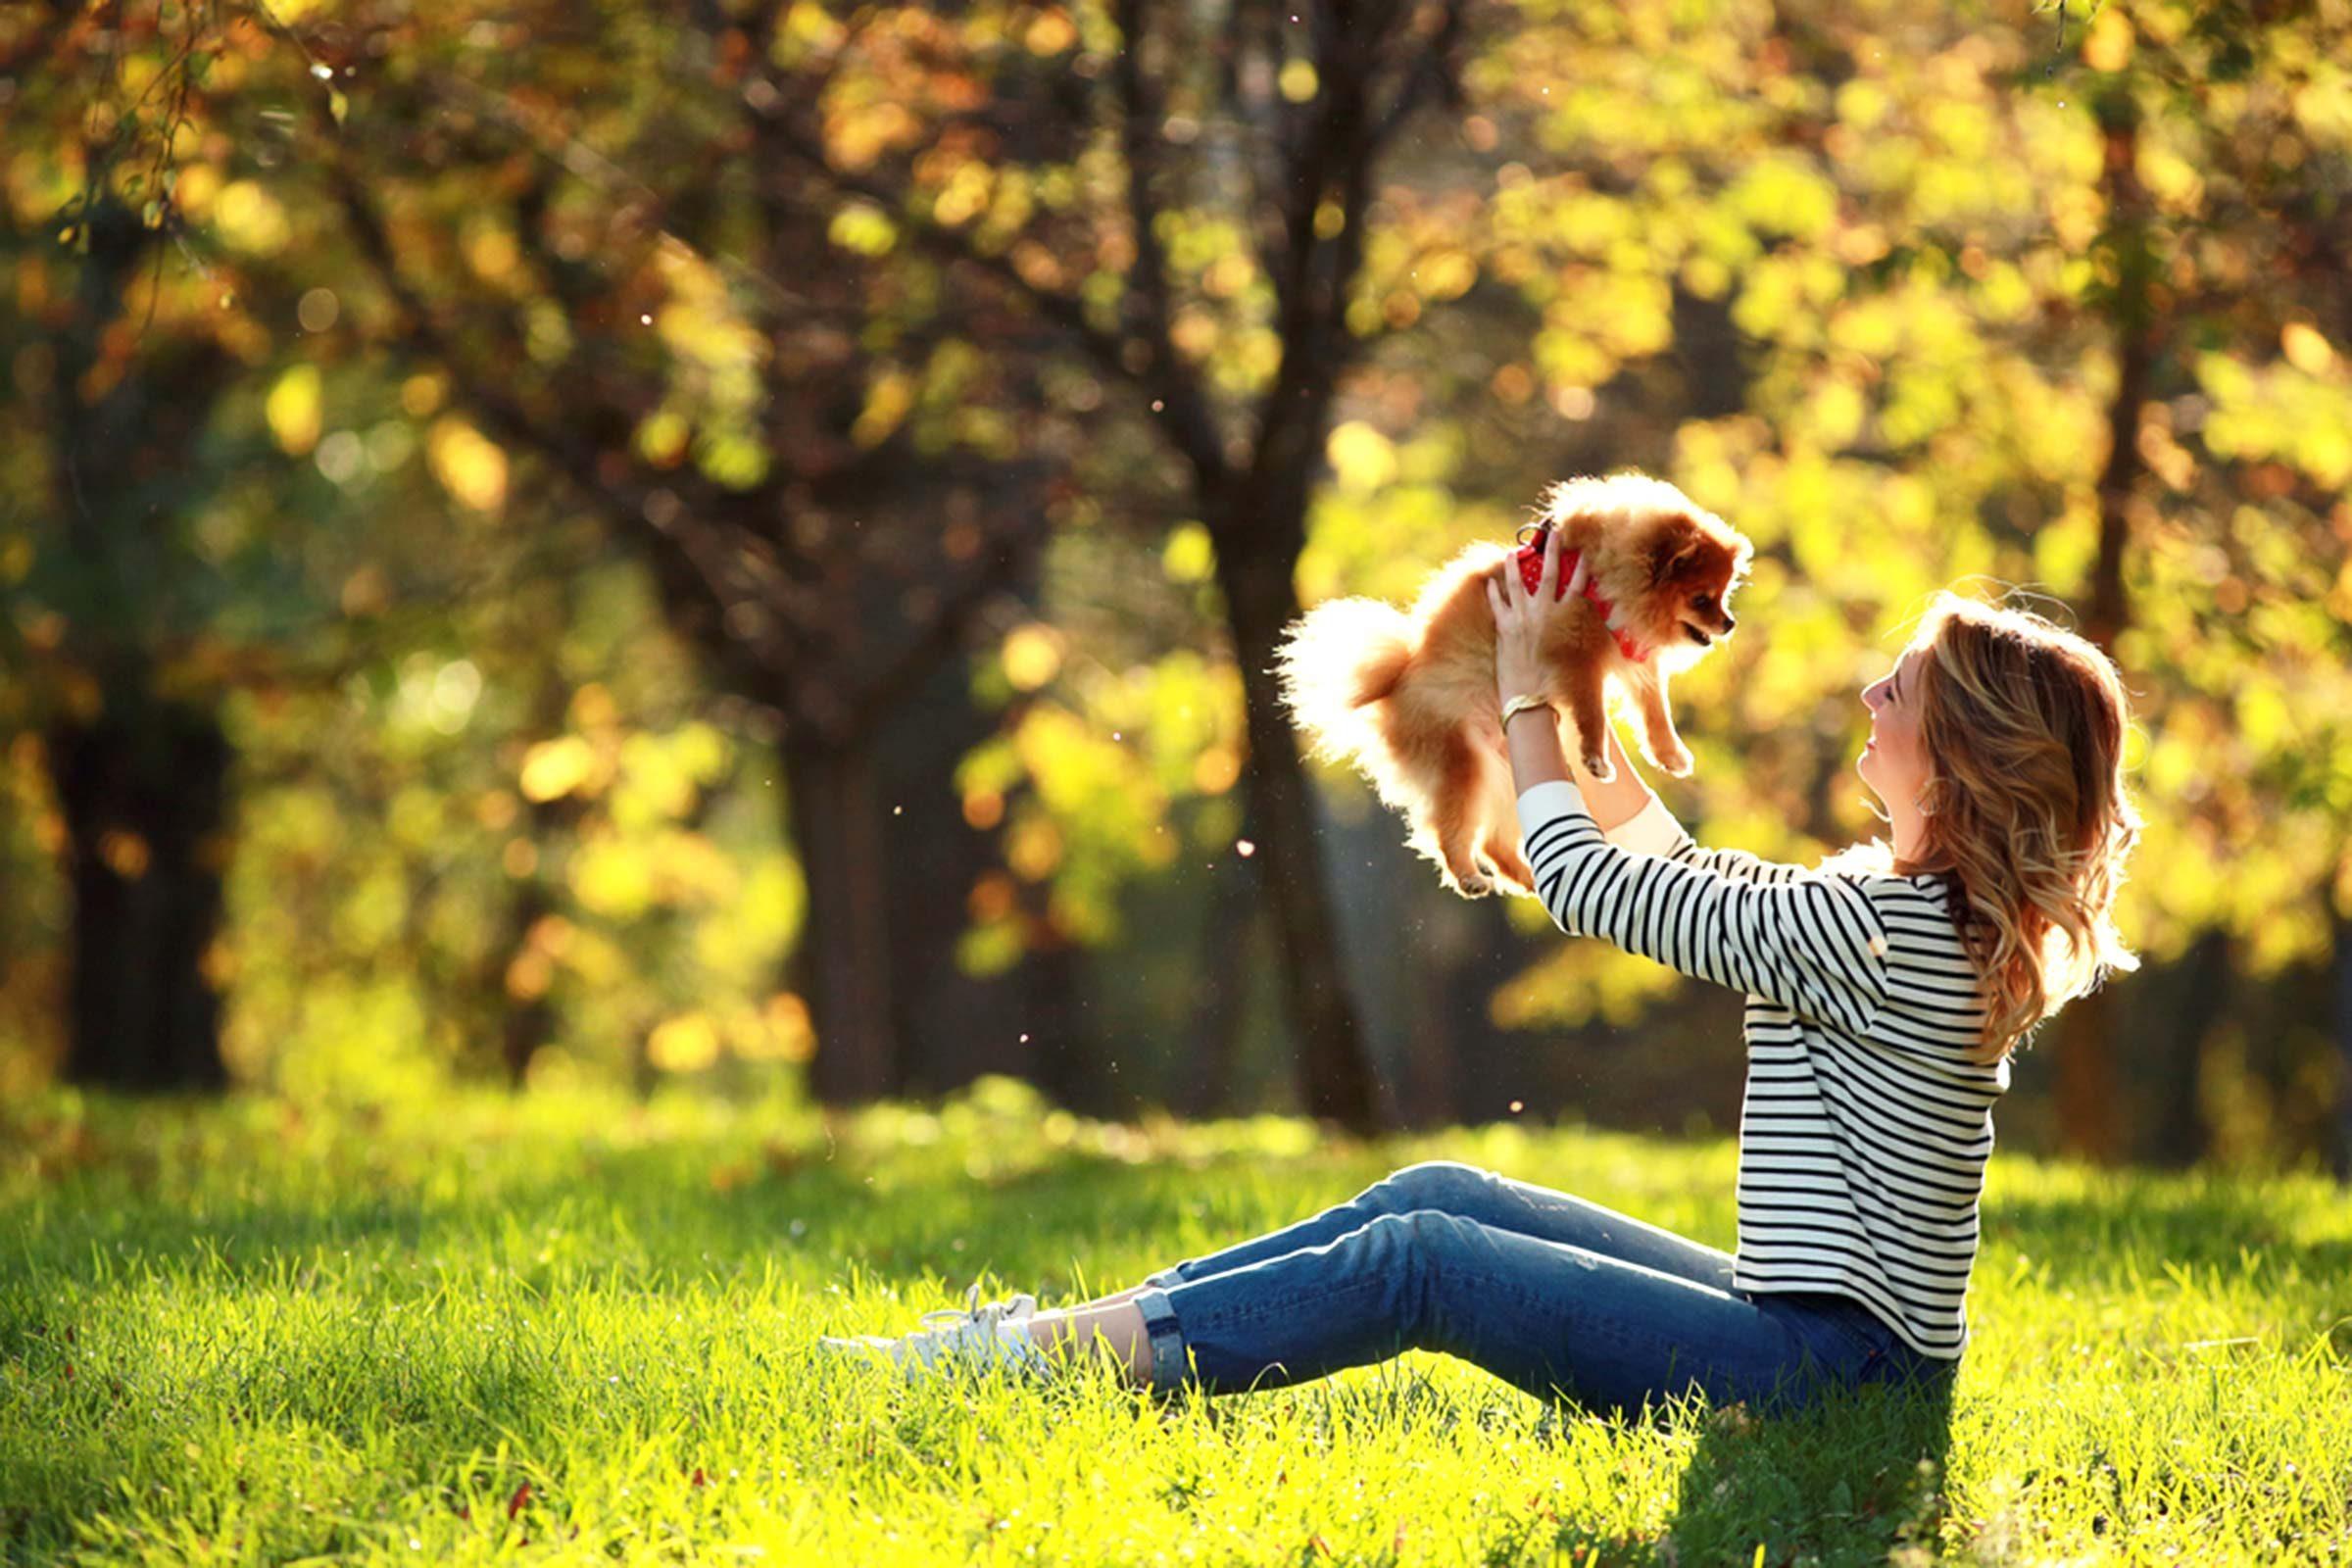 Animalerie: Méfiez-vous des petits chiens